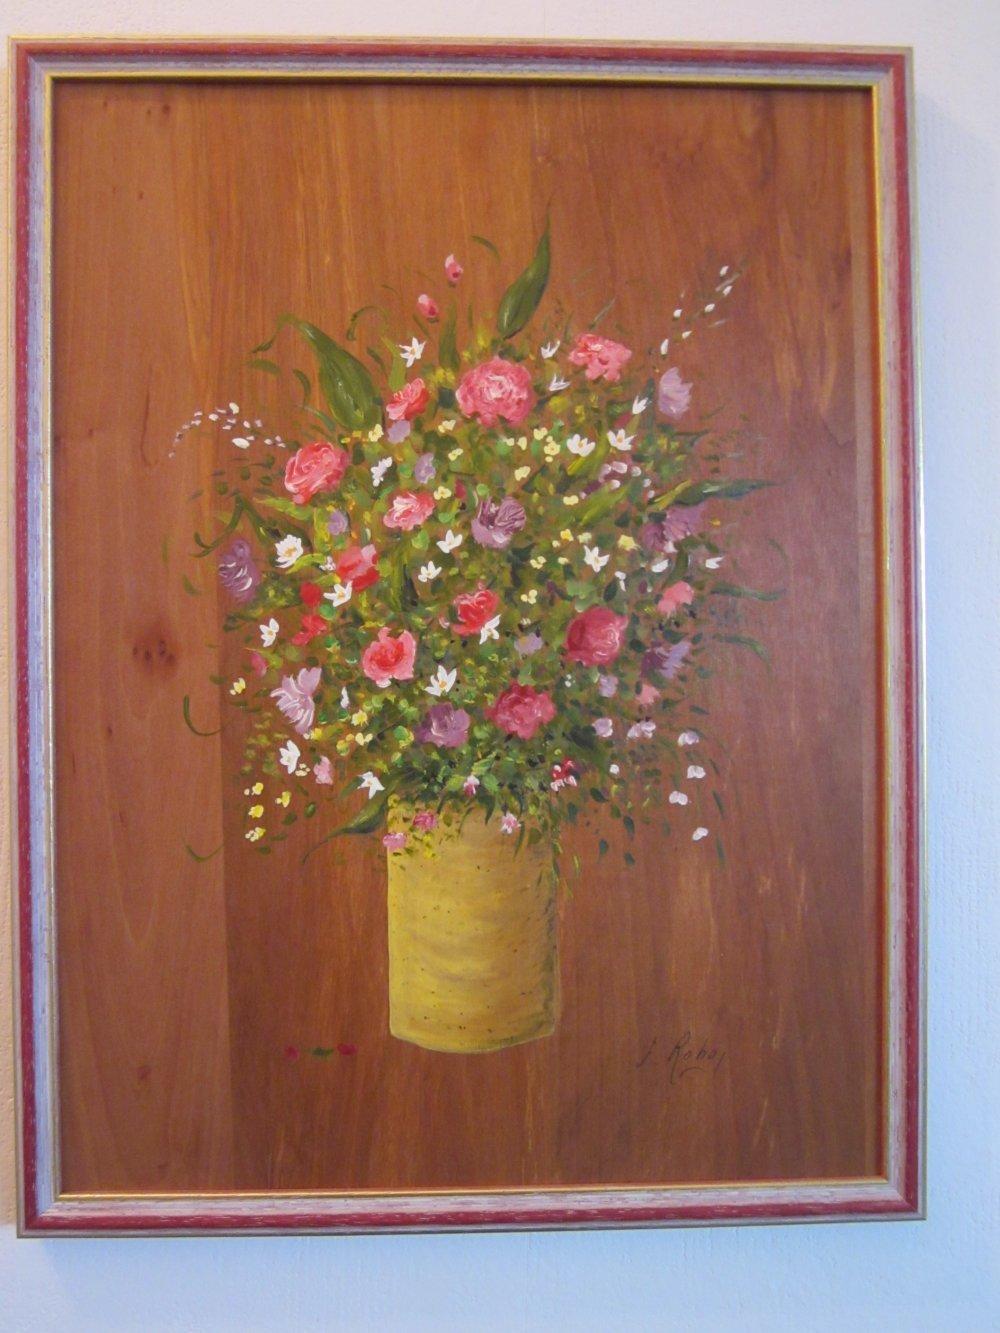 Fleurs En Bouquet Tableau Peinture Acrylique Sur Bois Fruitier Fait Main Modele Unique Tableau Encadre Un Grand Marche